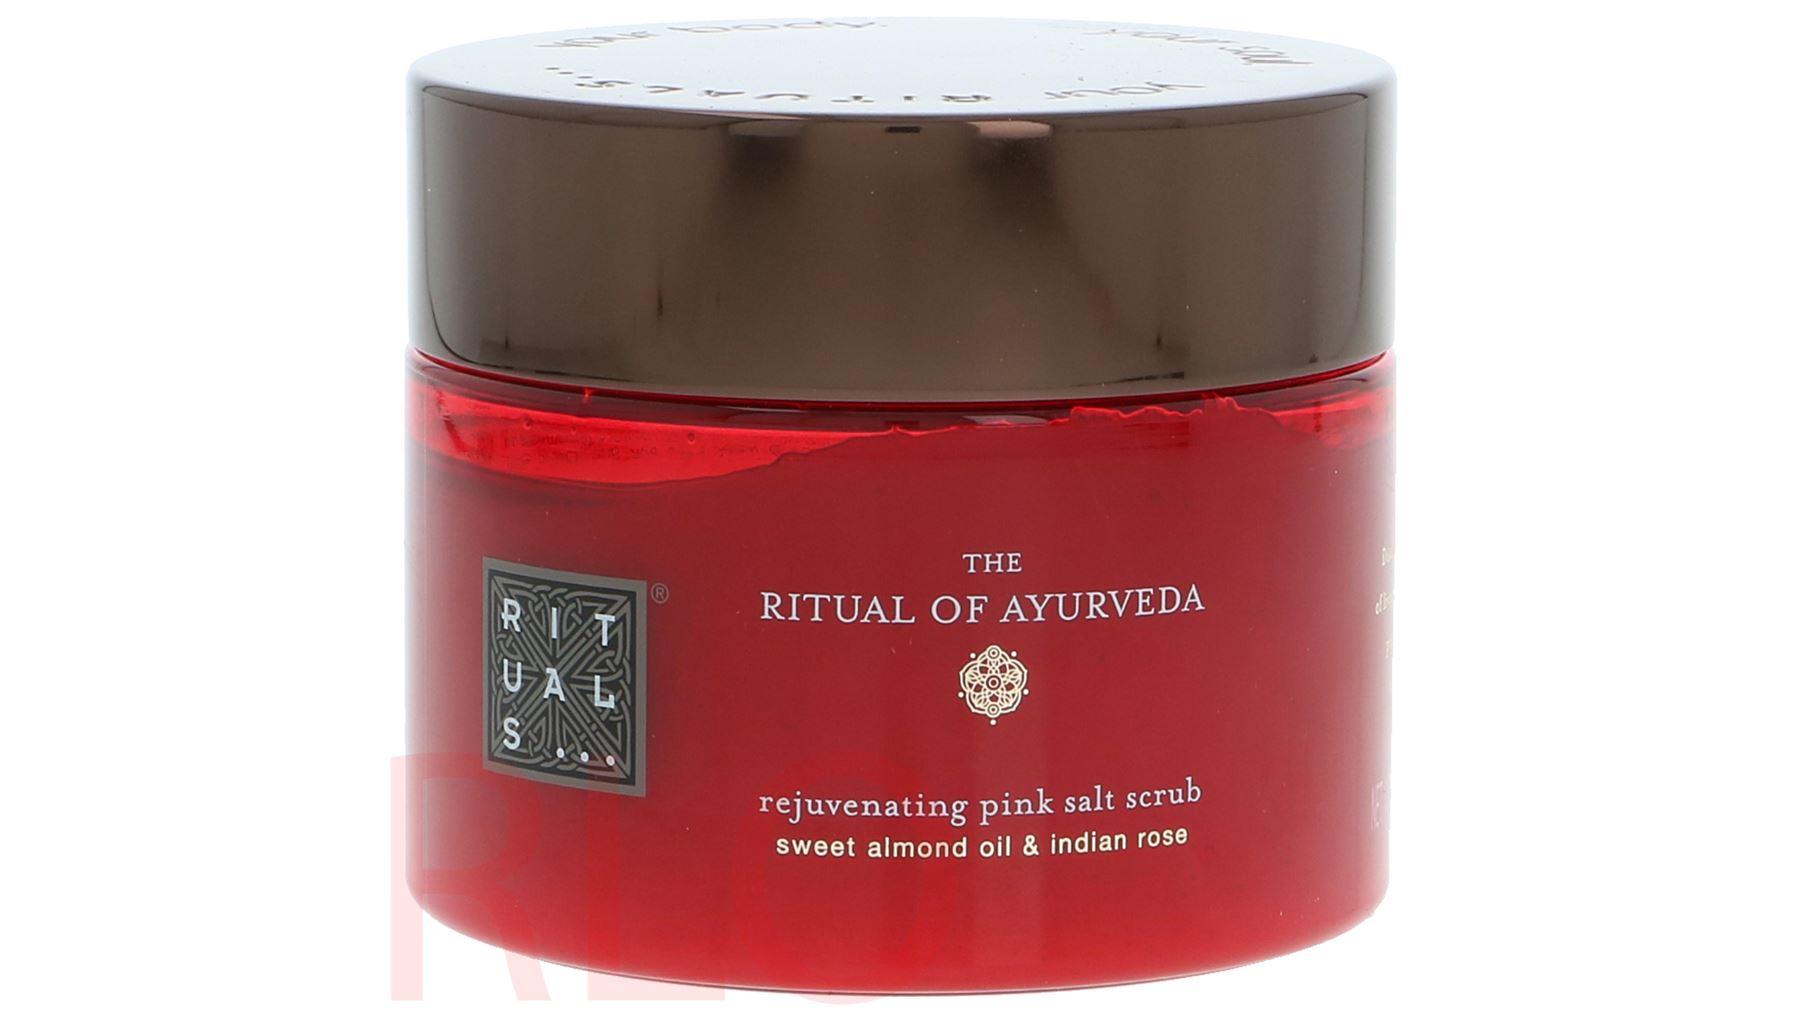 rituals ayurveda scrub